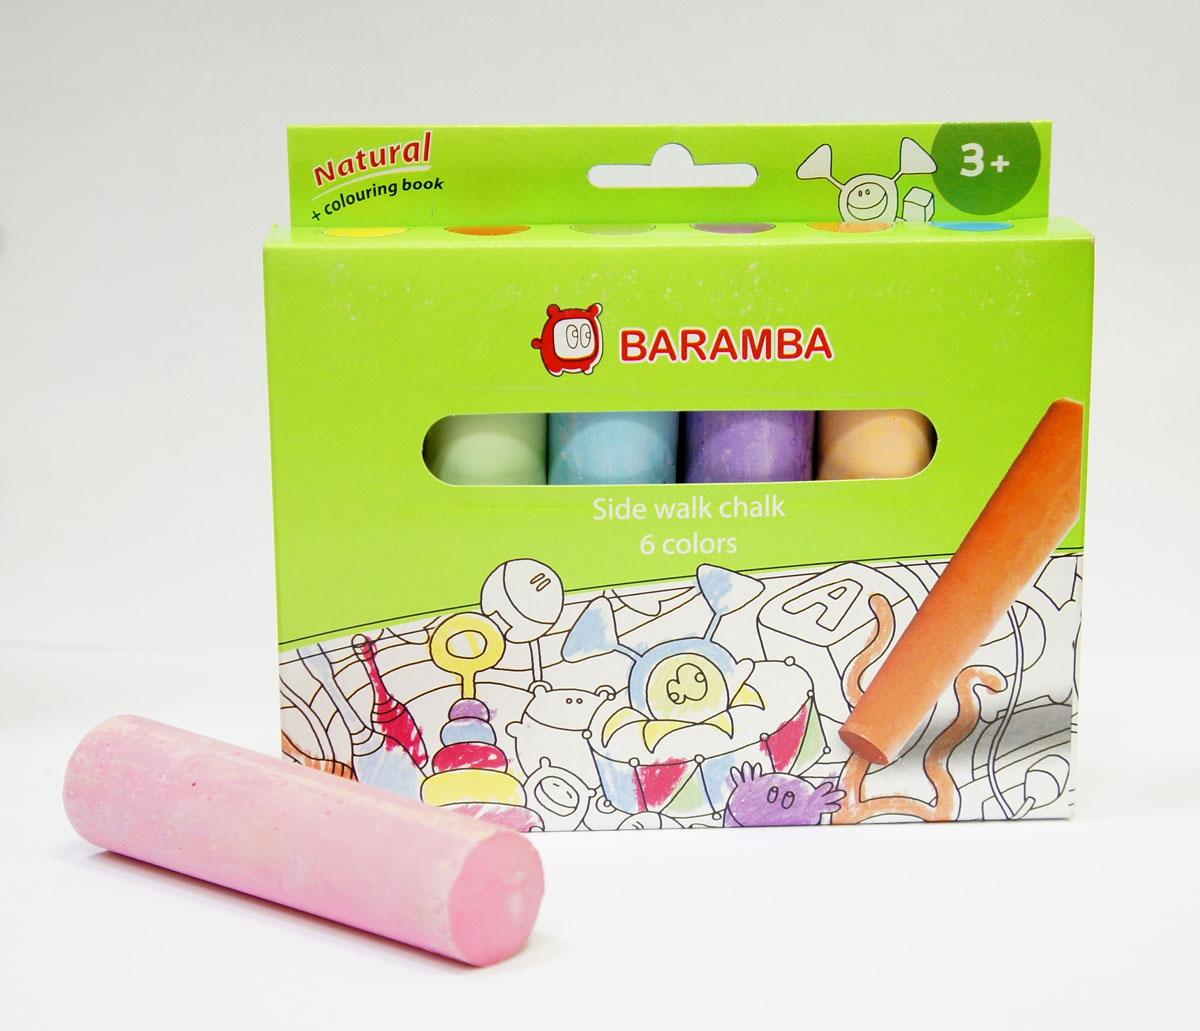 Мел для асфальта Baramba, 6 цветовB00060Мел для асфальта Baramba включает в себя 6 мелков ярких цветов. Мелки предназначены для рисования на асфальте. Благодаря крупному размеру и форме, мелки удобно держать в руке. Мел удобен в использовании, не крошится, не царапает доску, не пачкает руки.Рисование разноцветными мелками способствует развитию творческих способностей малыша, воображения и мелкой моторики рук. Не рекомендуется детям до 3-х лет.